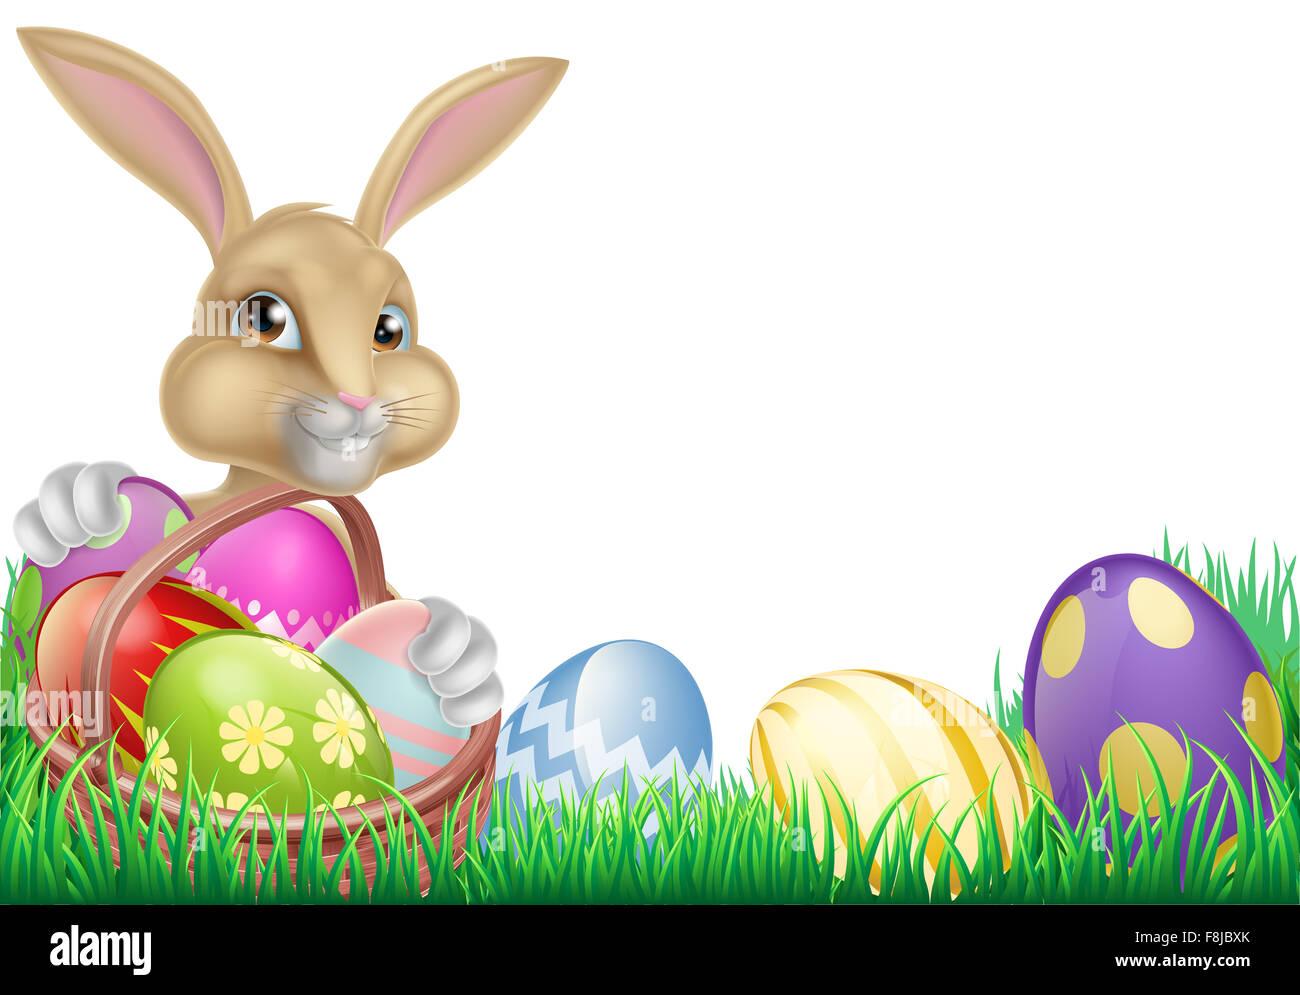 Cartoon Coniglietto Di Pasqua Con Un Cesto Pieno Di Uova Di Pasqua